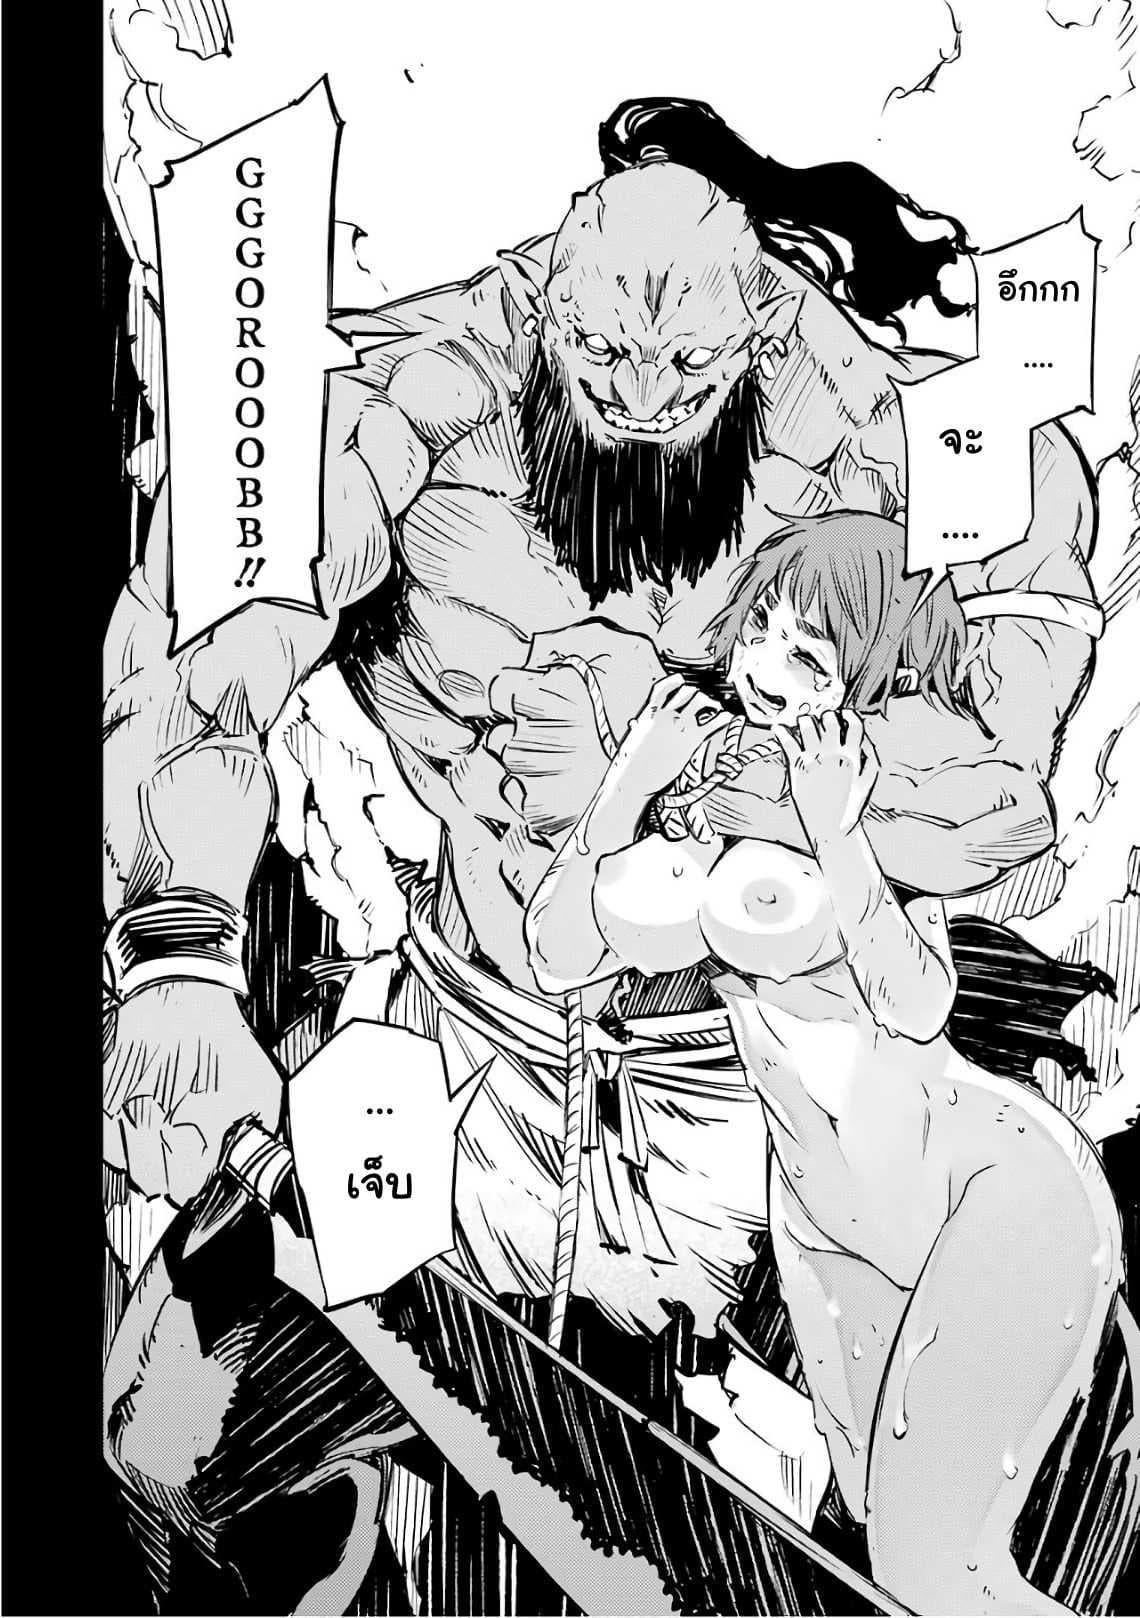 อ่านการ์ตูน Goblin Slayer Brand New Day ตอนที่ 4 หน้าที่ 40